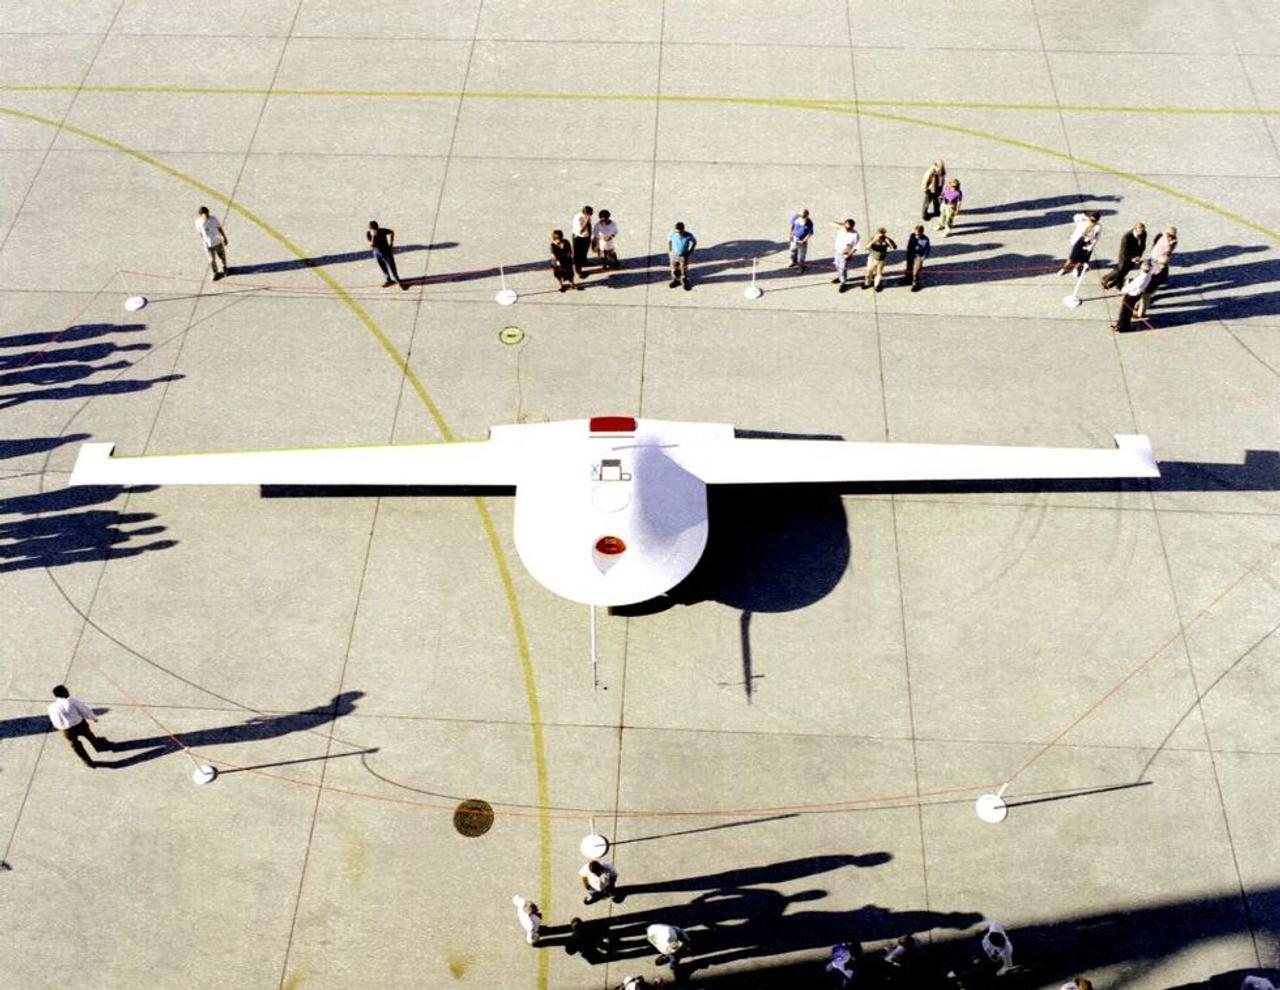 Skunk Works испытывает секретный, беспилотный самолет - шпион Speed Racer